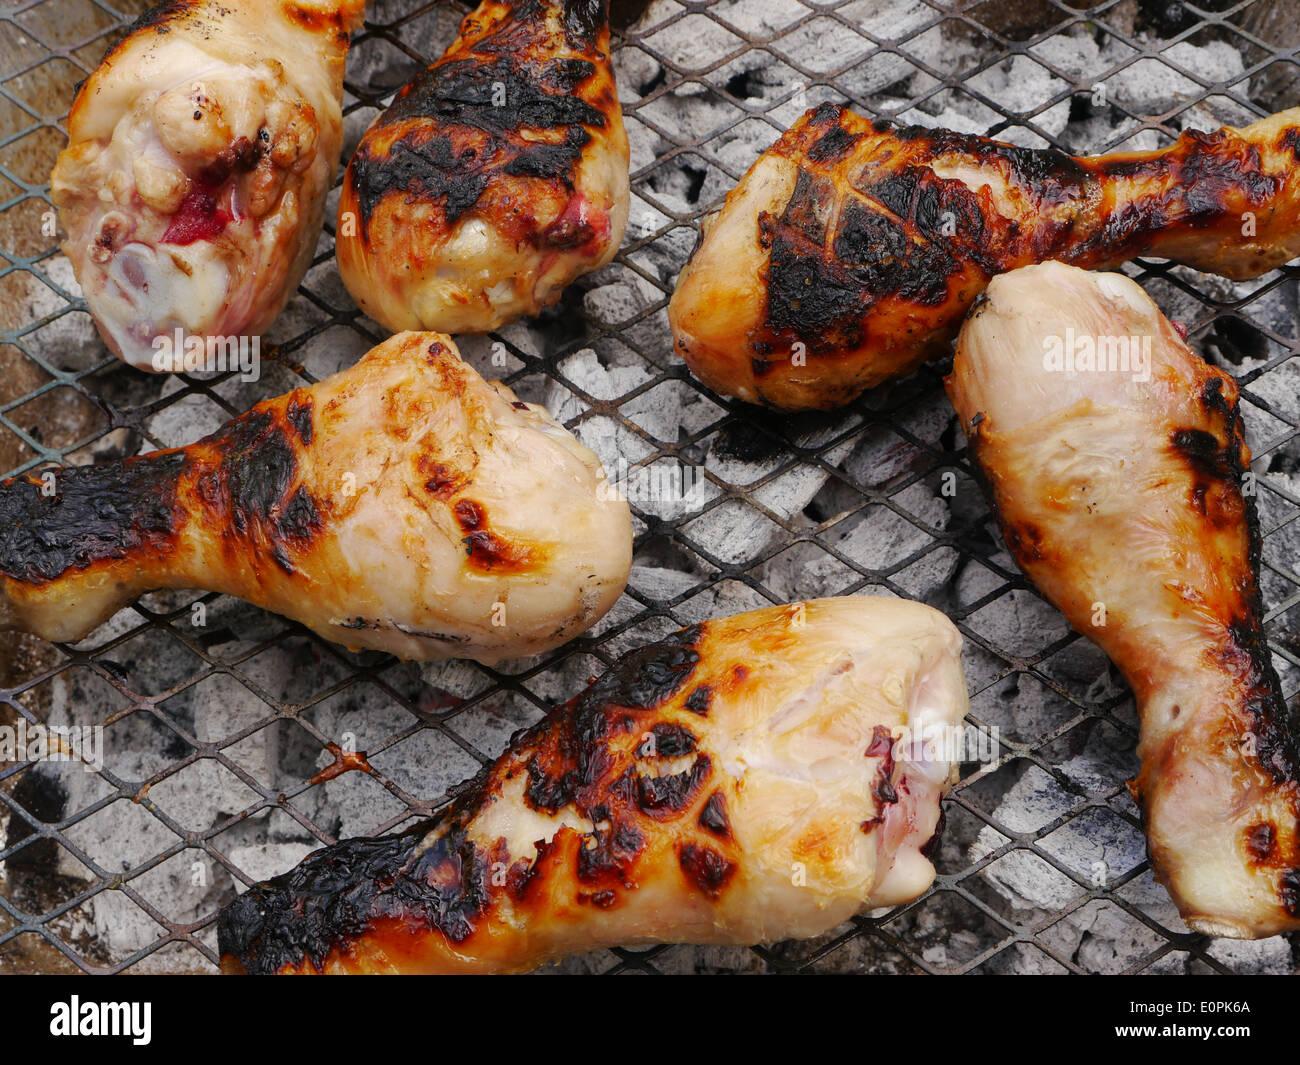 Imagen De Alimentos   Las Patas De Pollo / Baquetas Cocinar En Una Barbacoa